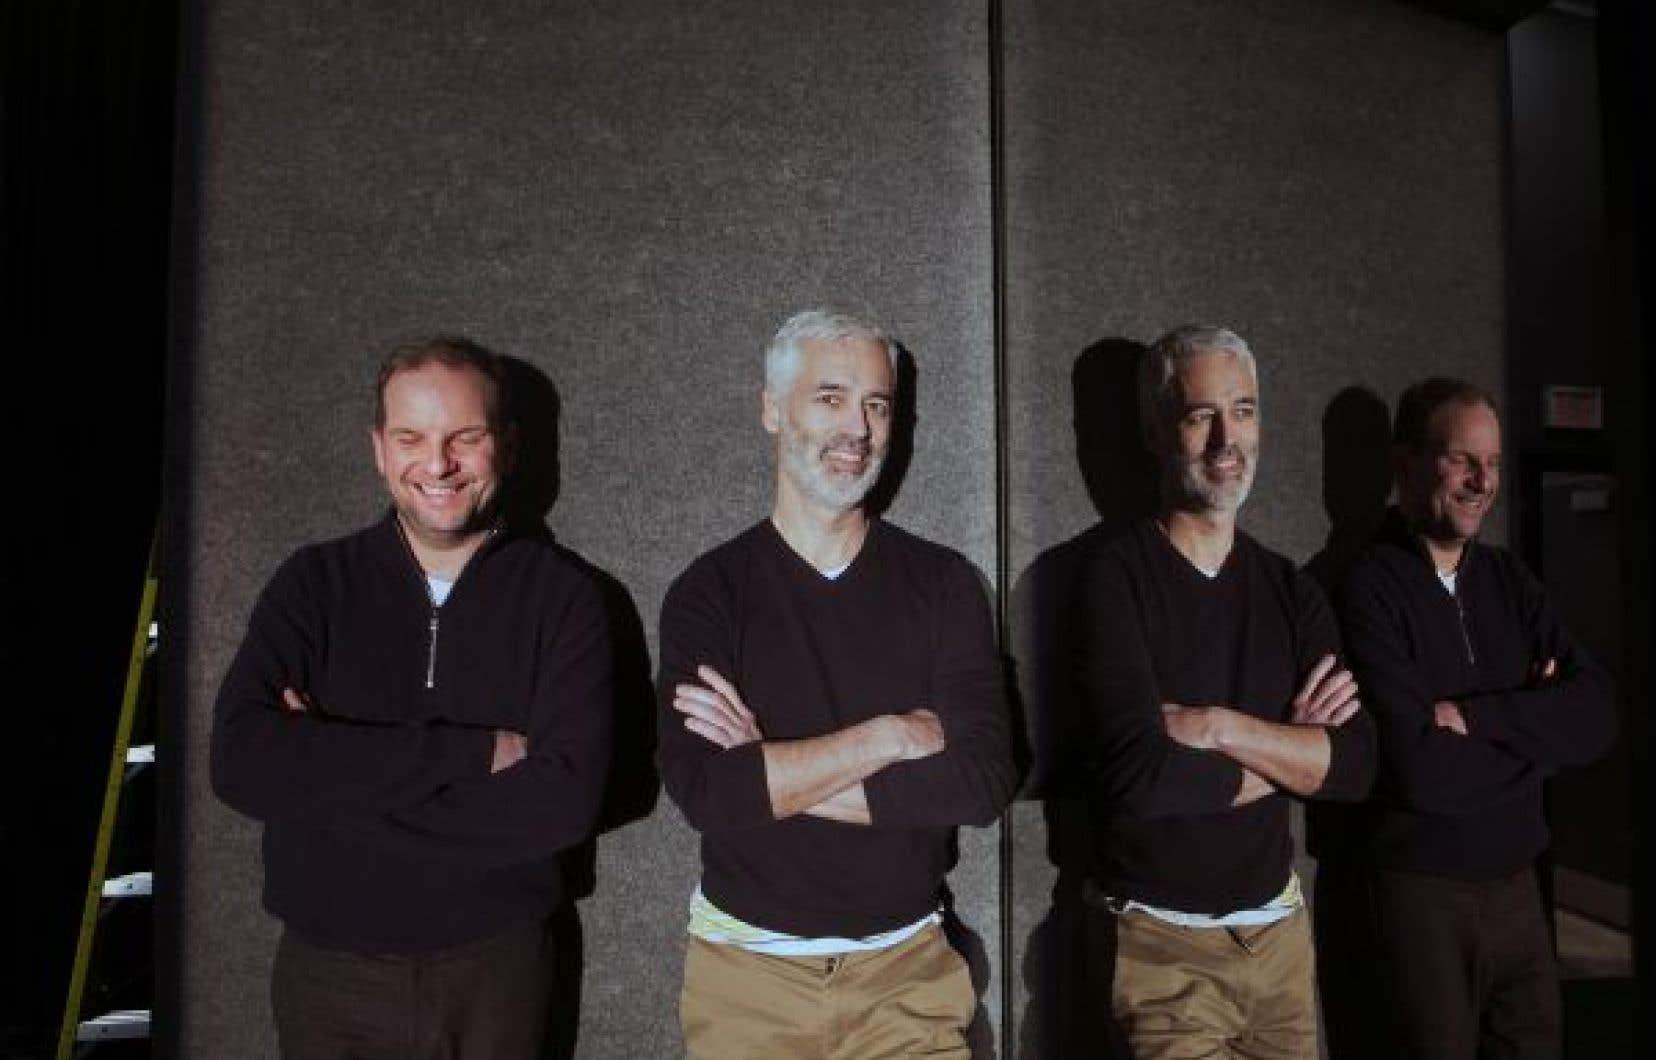 Si l'action se déroule beaucoup dans la tête des personnages, le récit gravite autour d'une cage d'ascenseur. L'entrevue avec Sébastien Harrisson et Eric Jean a lieu devant ce décor qui évoque, sans l'illustrer, un ascenseur encadré de miroirs.